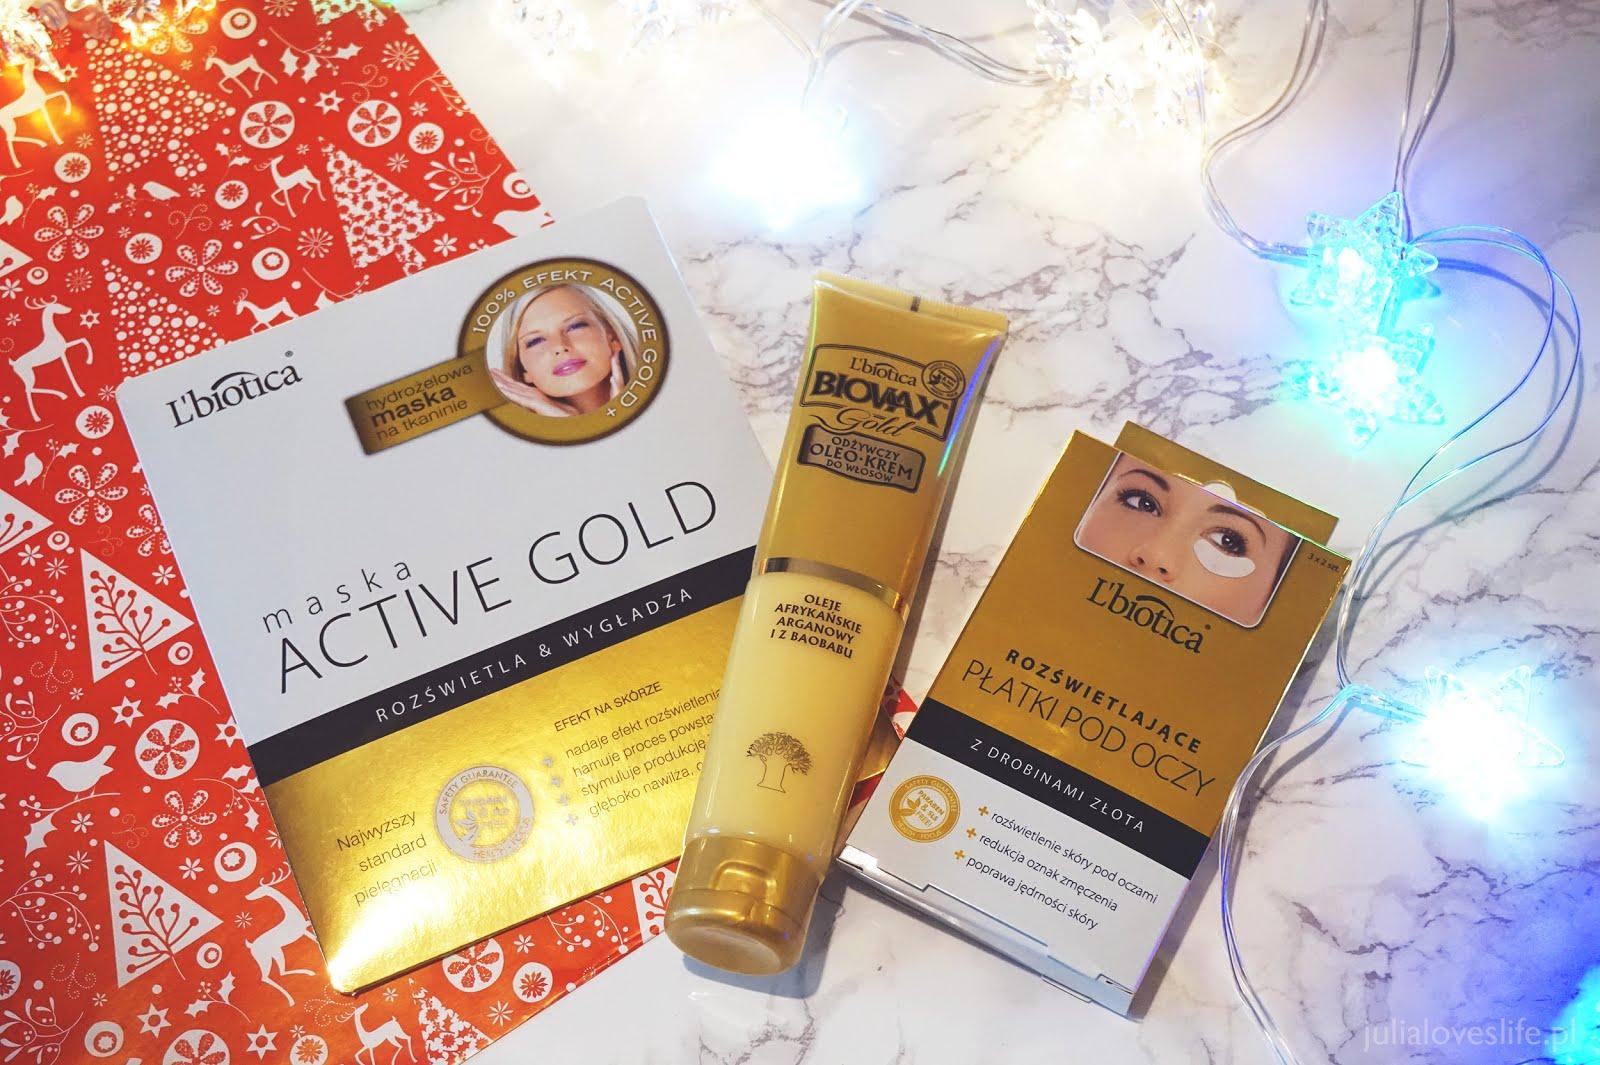 Zimowe Spa z produktami L'biotica | Seria Gold:  Biovax Gold, maska Active Gold, Dermomask Night Active, rozświetlające płatki pod oczy